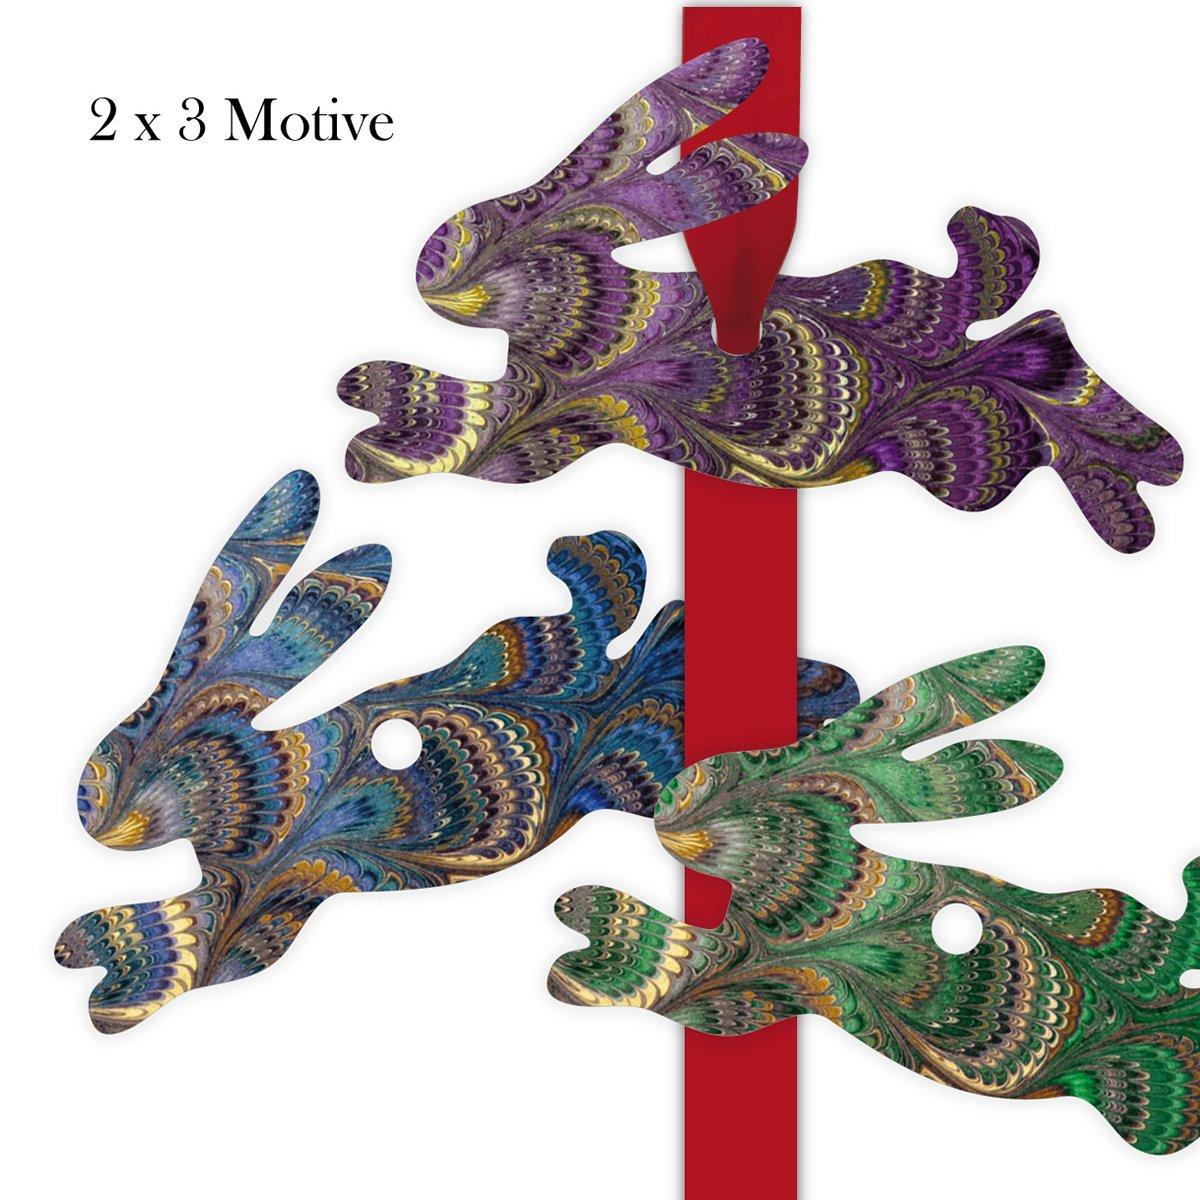 Kartenkaufrausch 60 60 60 zauberhafte Geschenkanhänger | 10 Pkg à 6 Stk Geschenkkärtchen | Girlanden Anhänger mit Marmor Muster - in Hasen Form 11,5 x 7cm 84c333